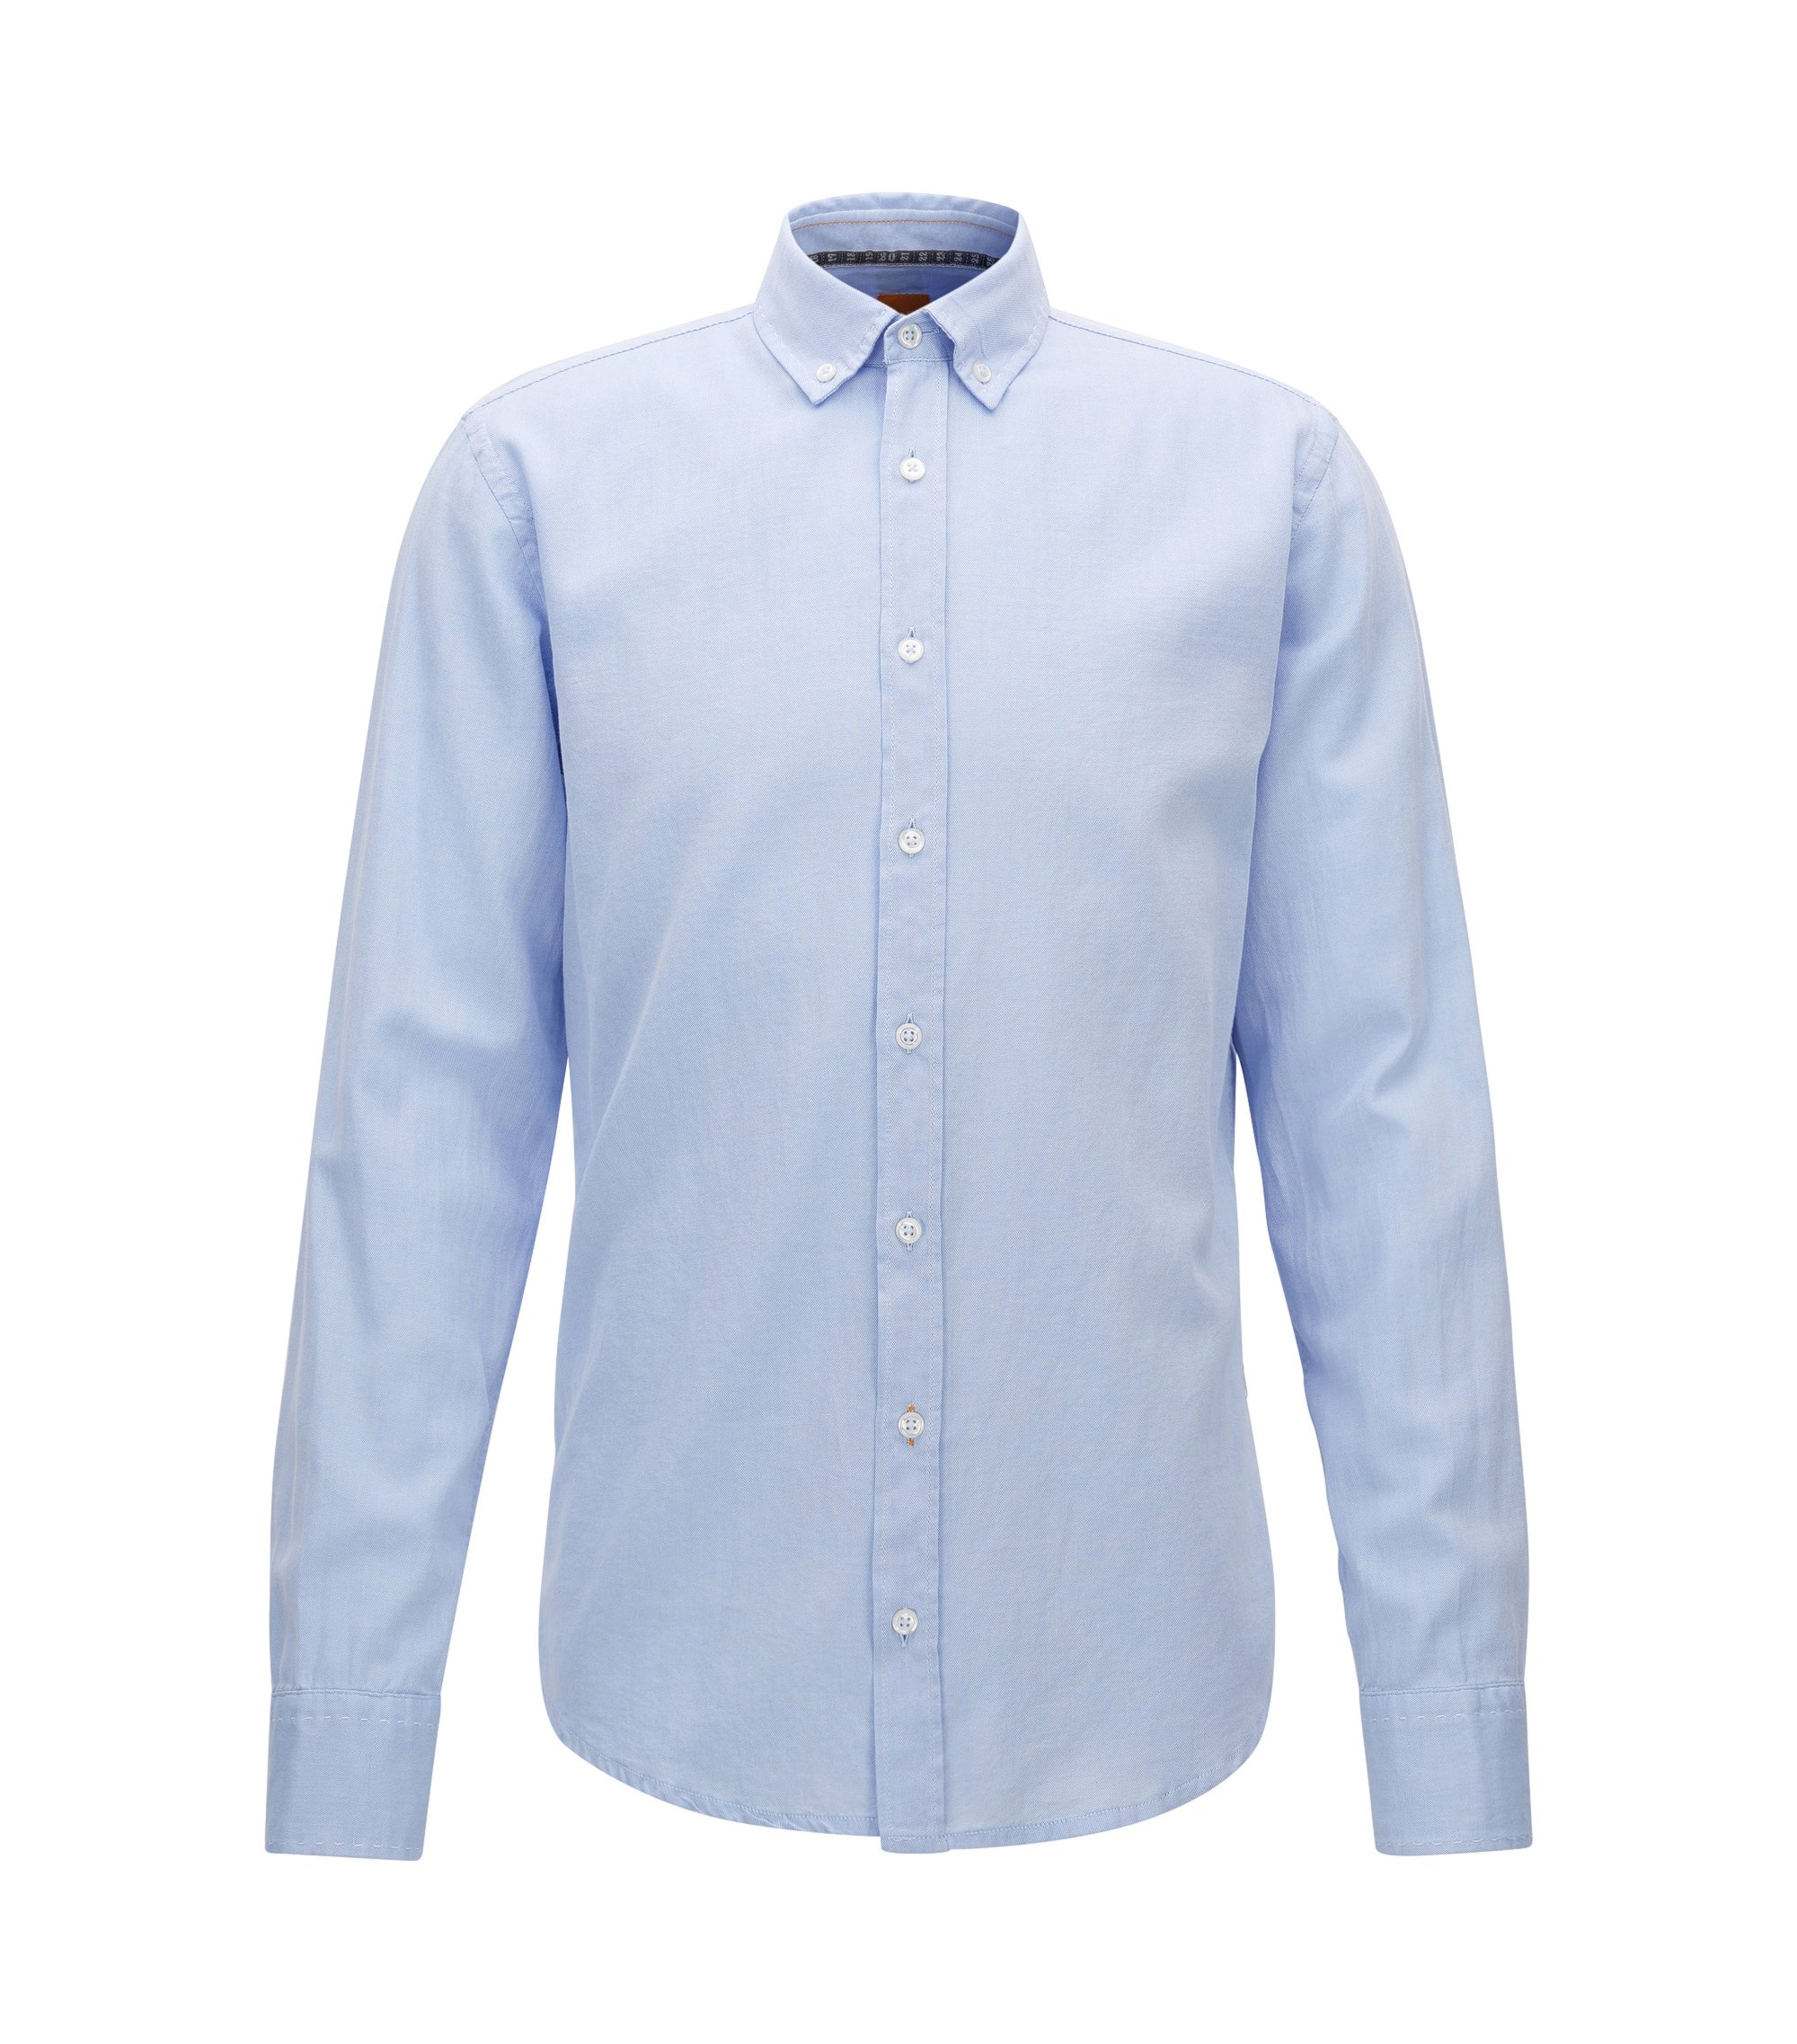 Chemise Slim Fit en coton Oxford brossé, Bleu vif